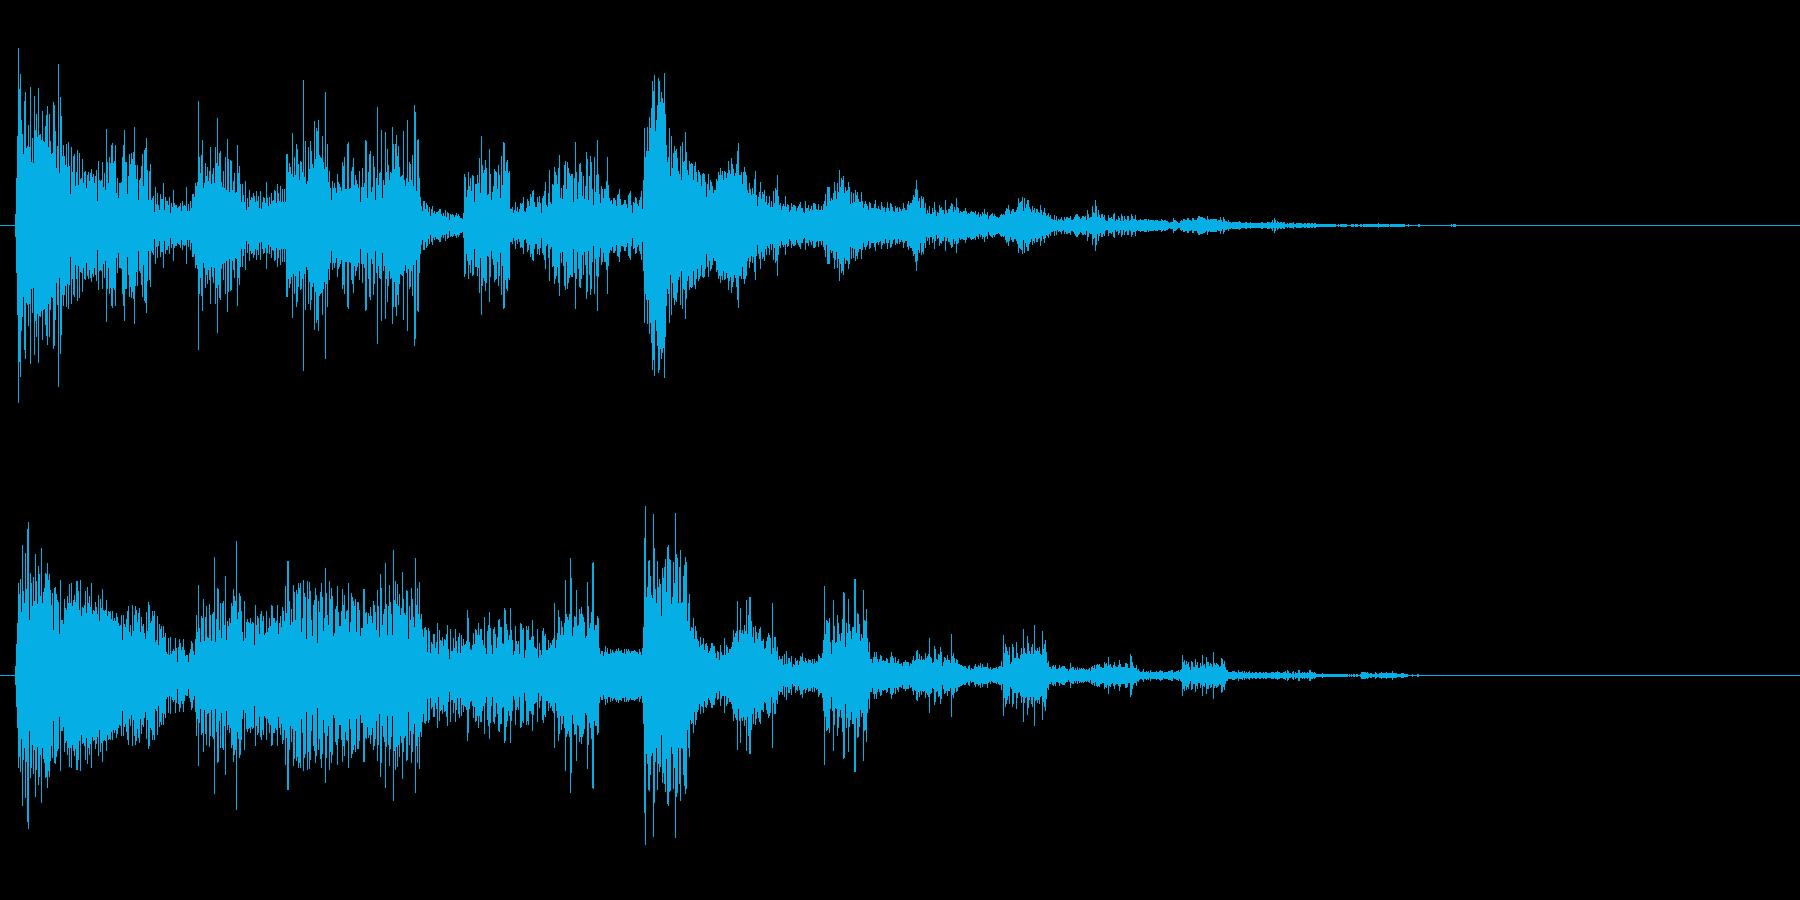 ズンズンチャン(映像の繋ぎの効果音)の再生済みの波形